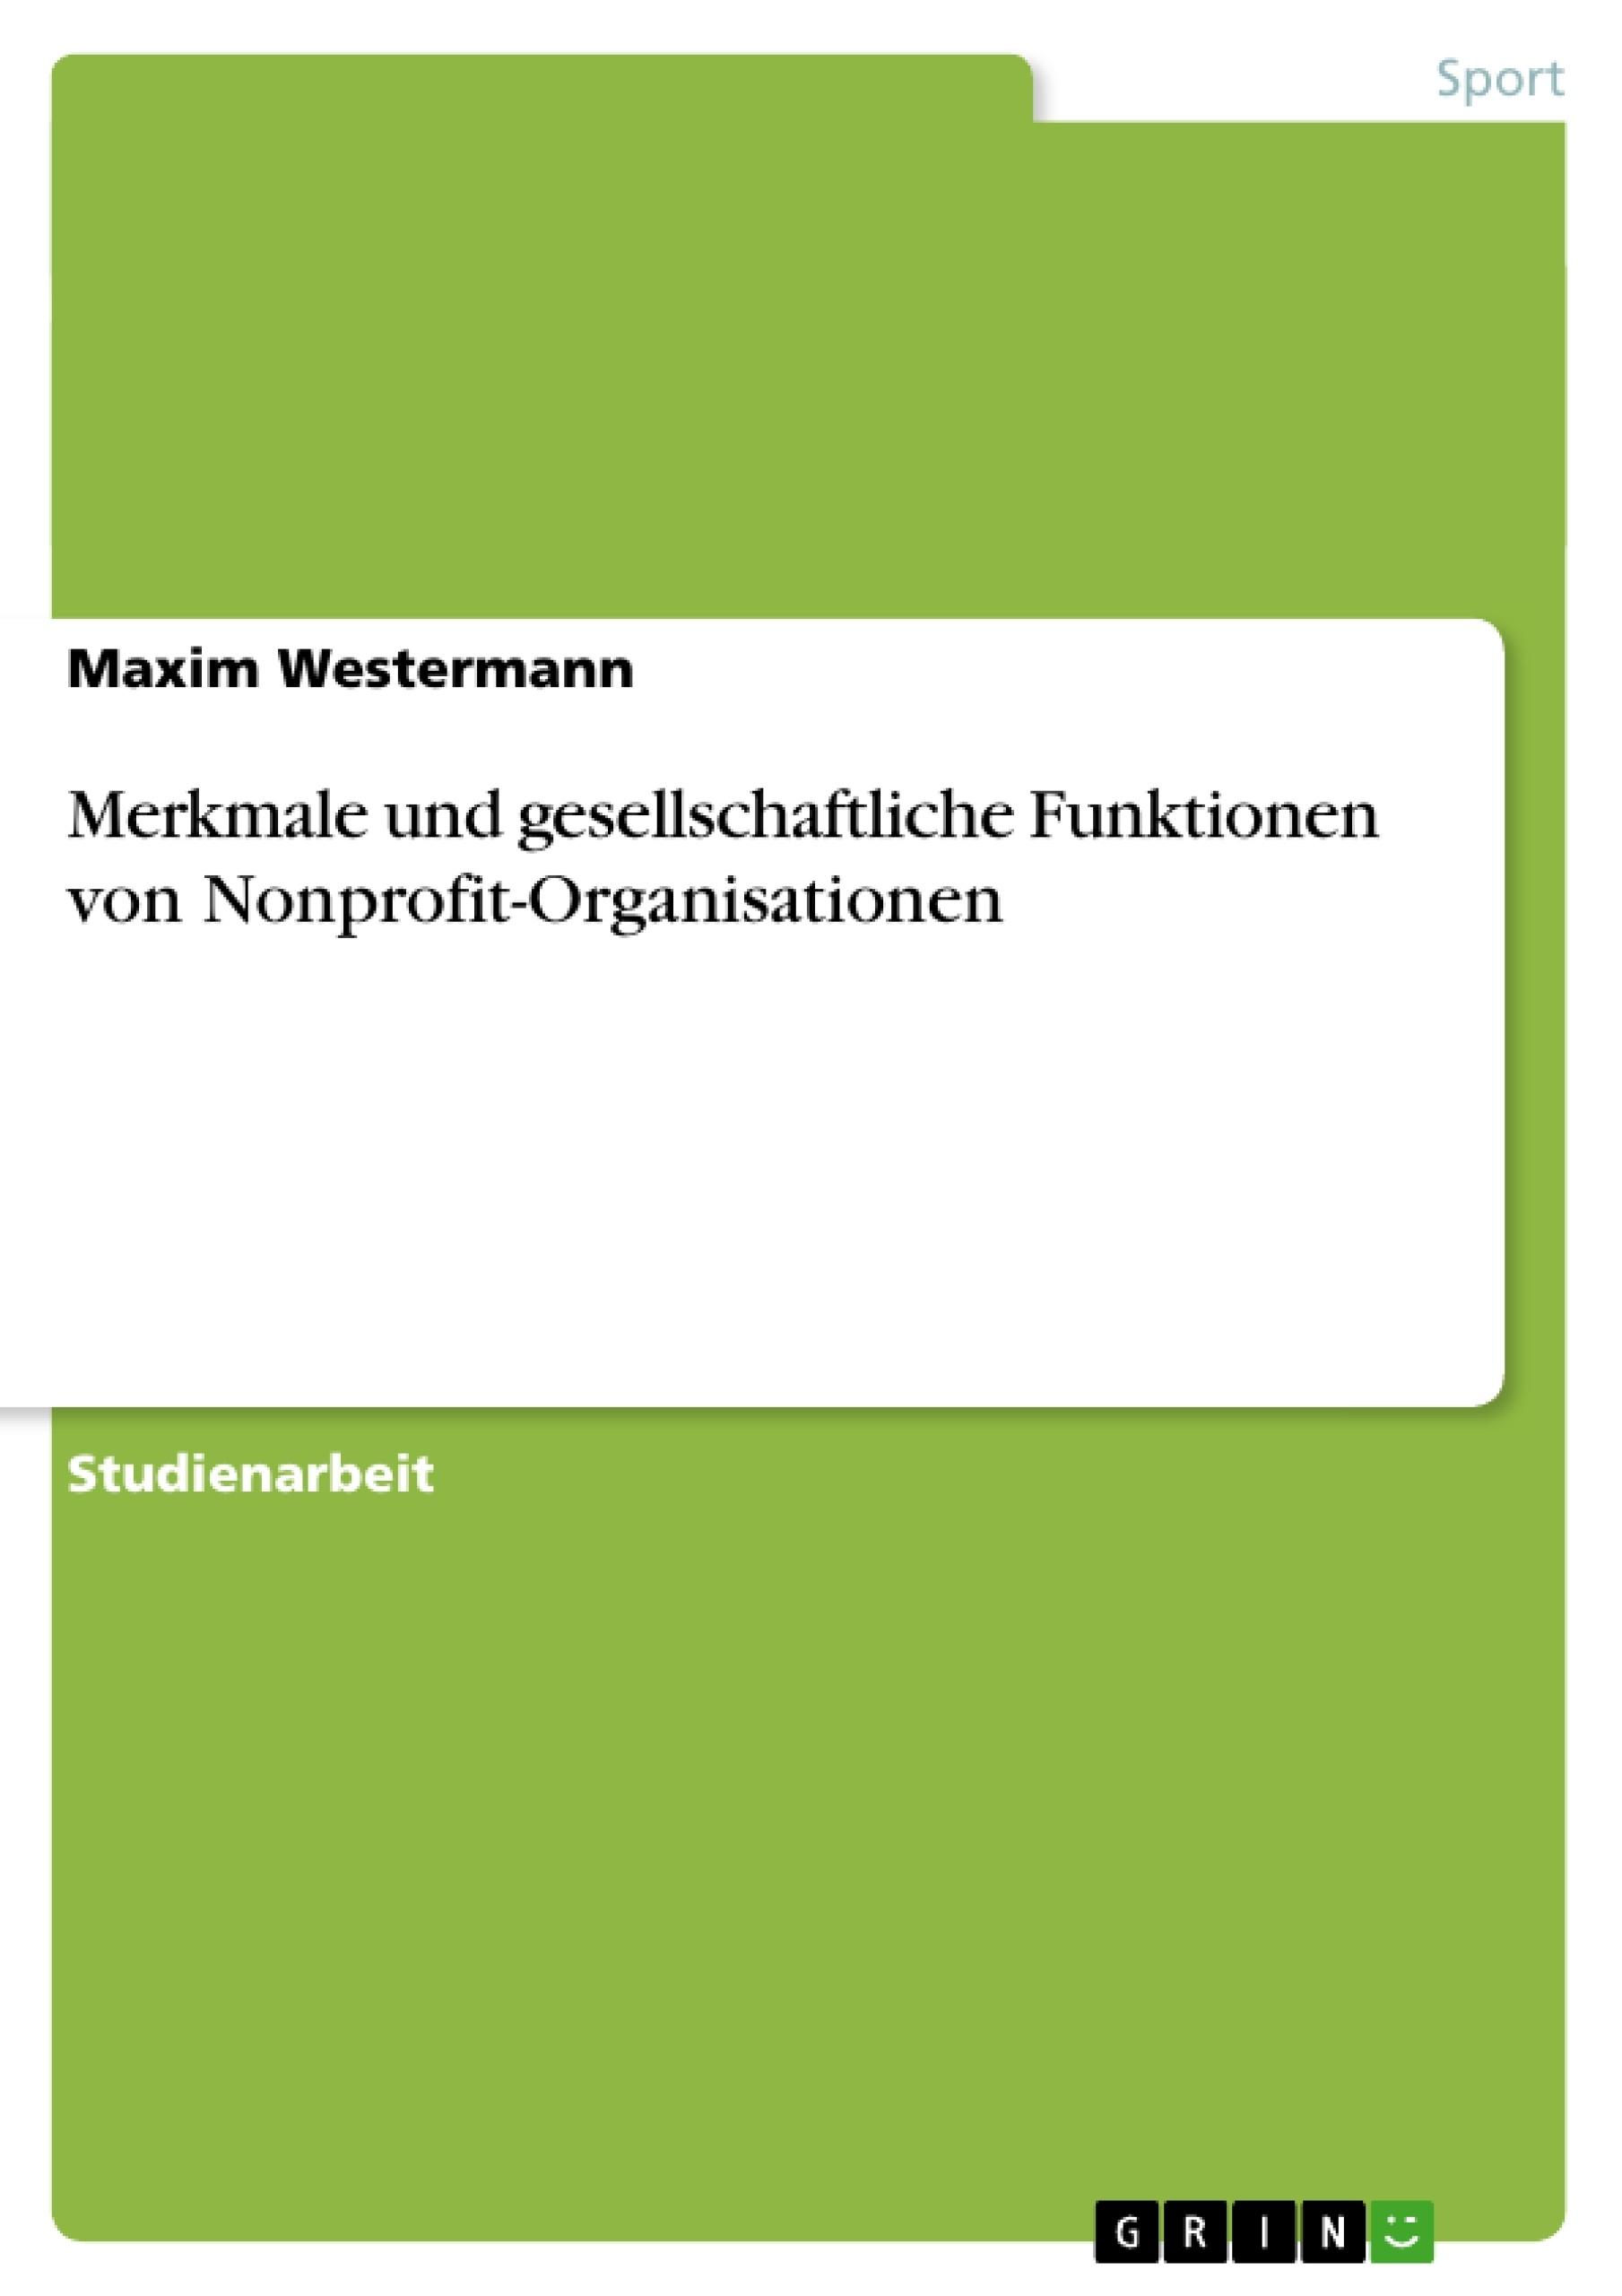 Titel: Merkmale und gesellschaftliche Funktionen von Nonprofit-Organisationen